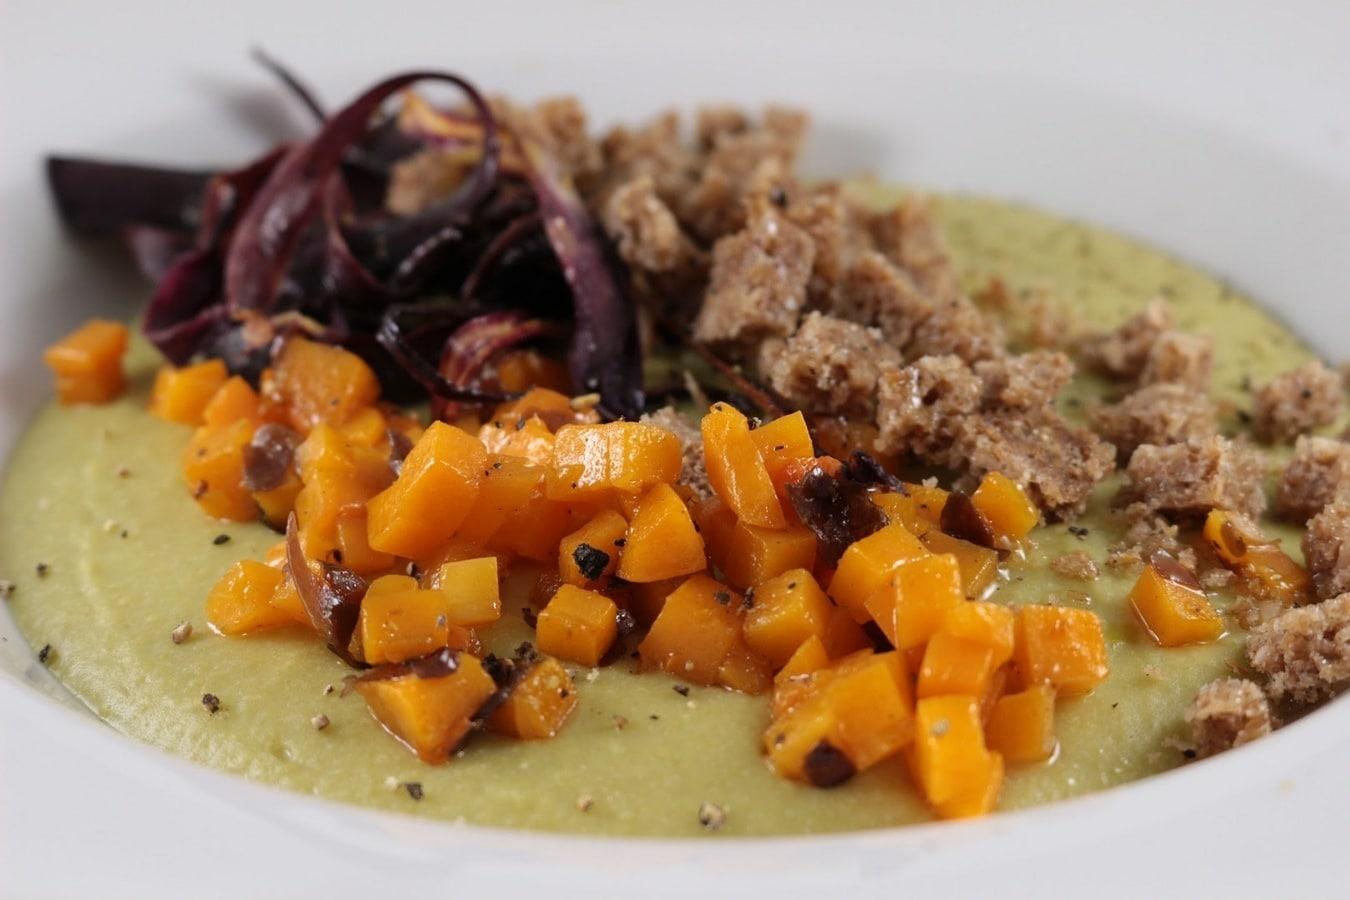 corso di cucina di base a torino scuola di cucina la palestra del cibo ricette con la zucca cucinare con la zucca